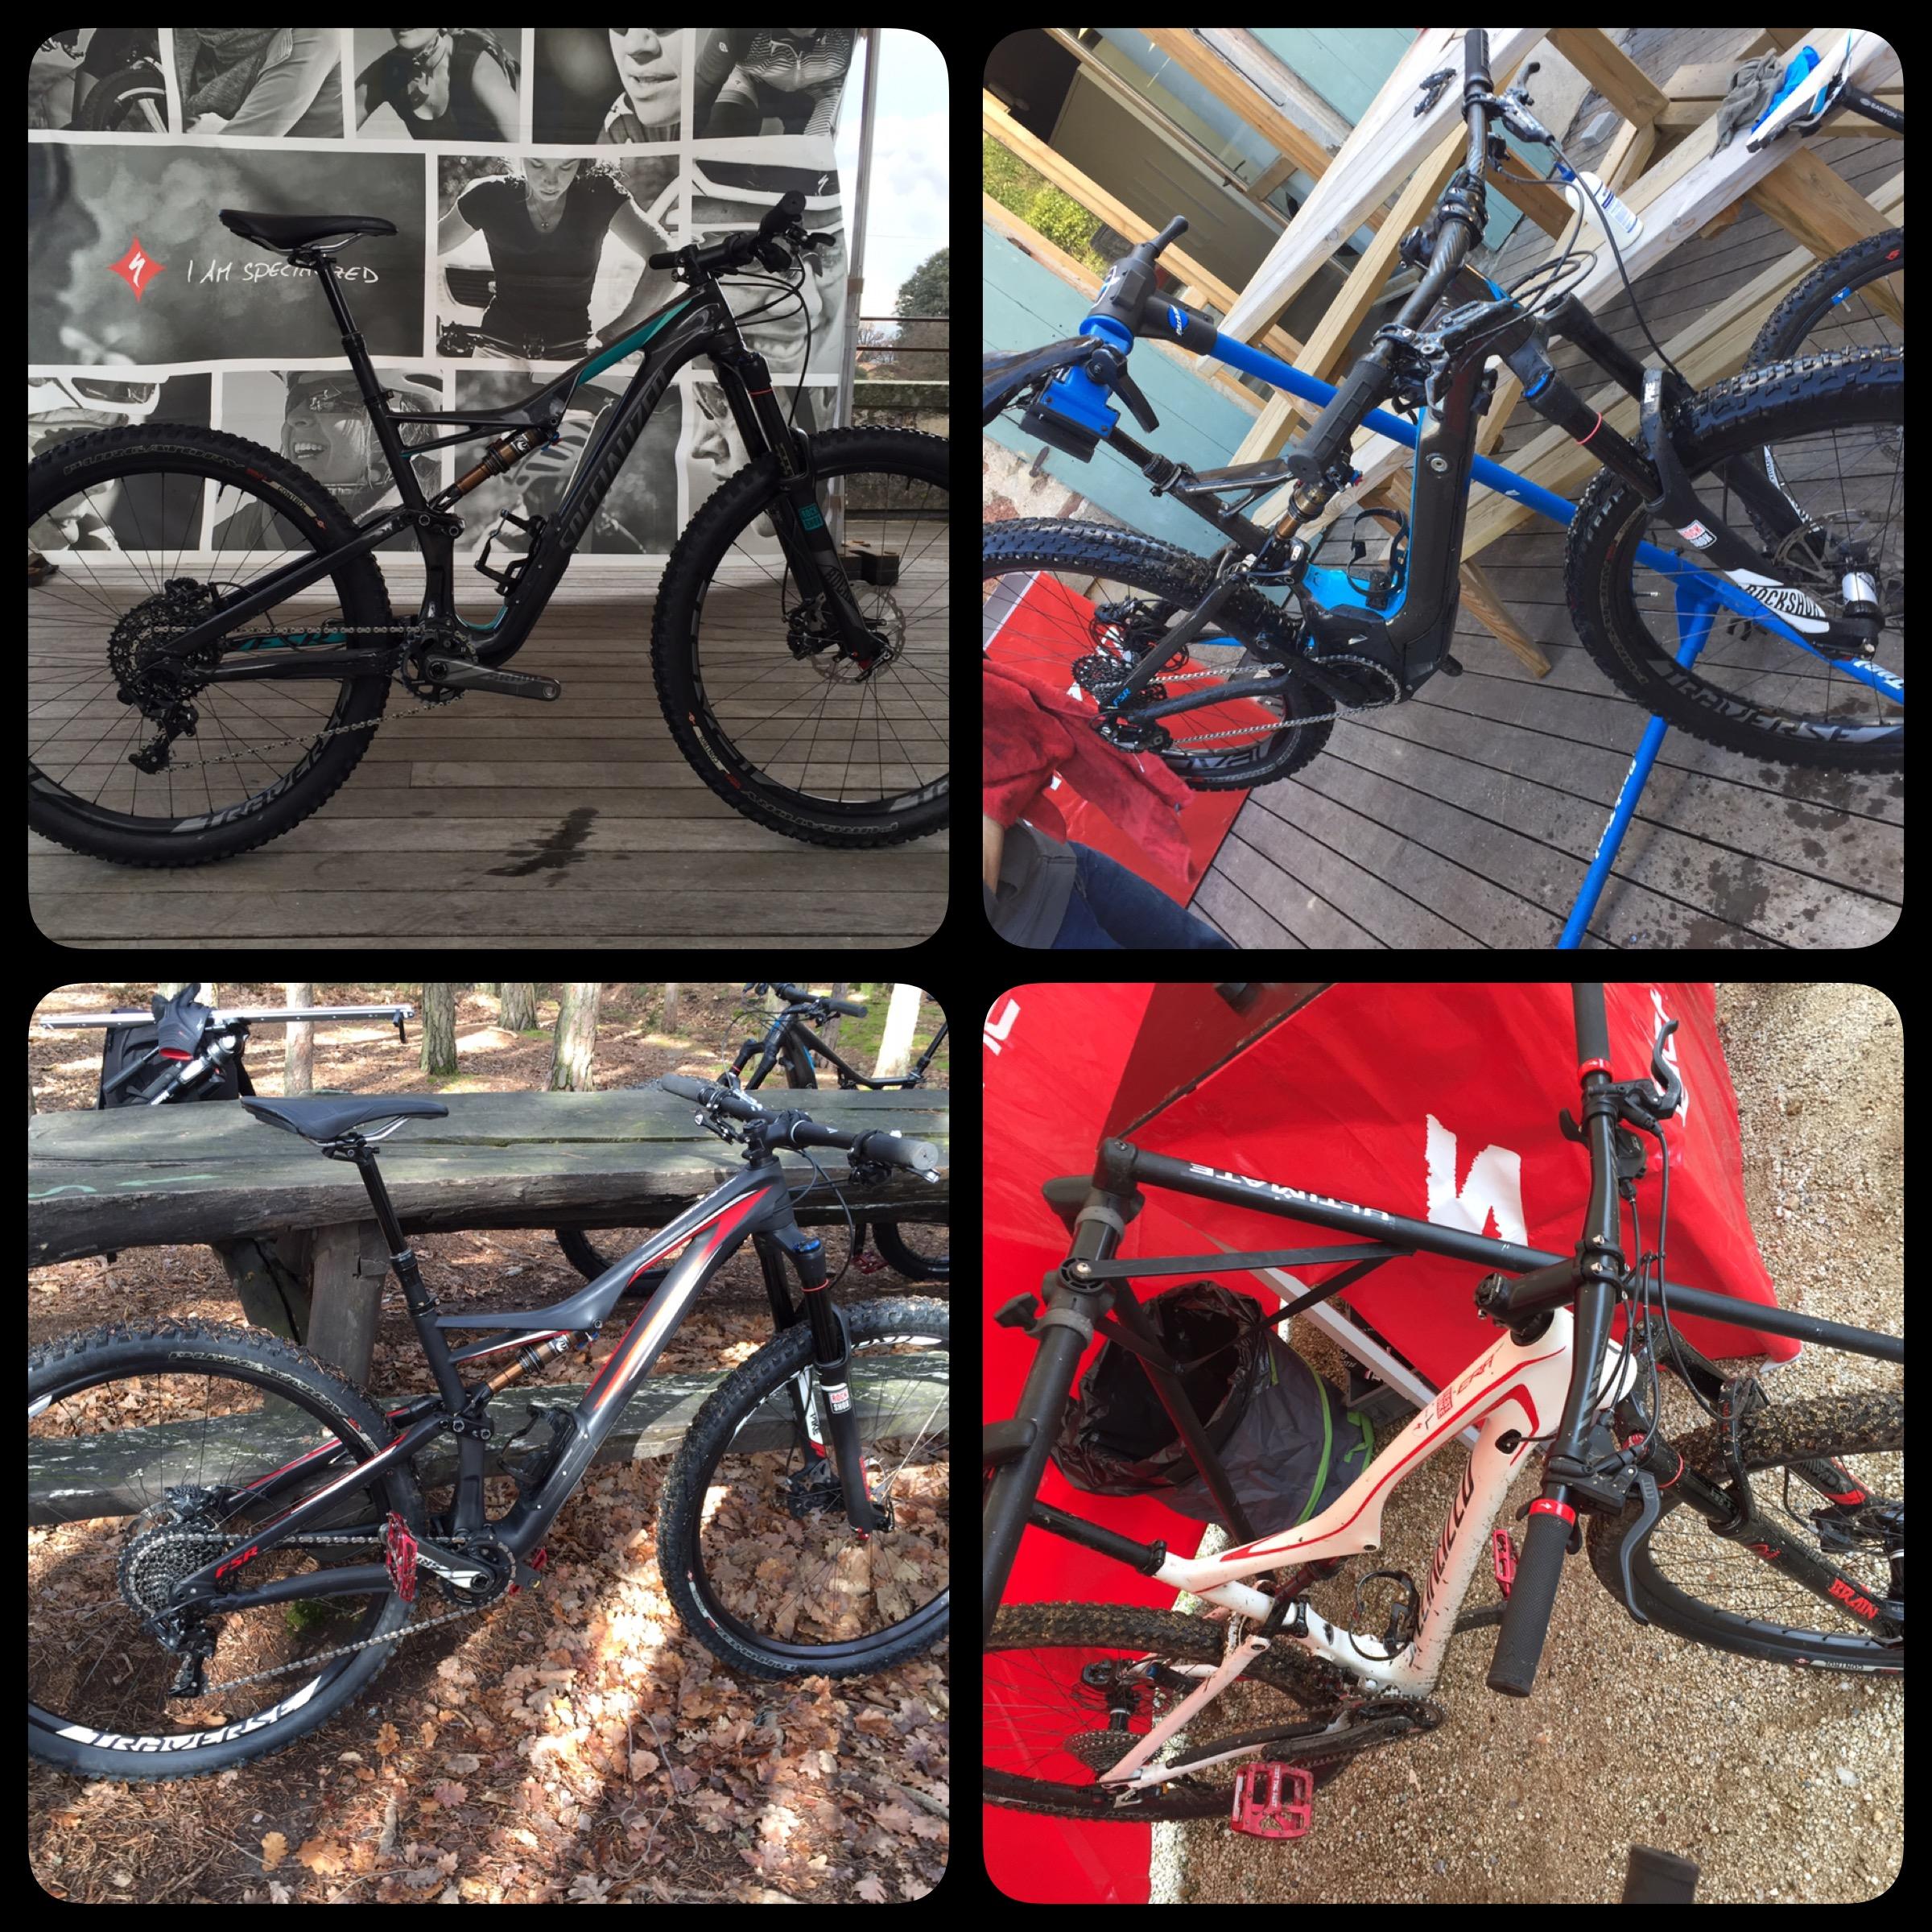 4 boucles de 5 kilomètres avec 4 vélos différents